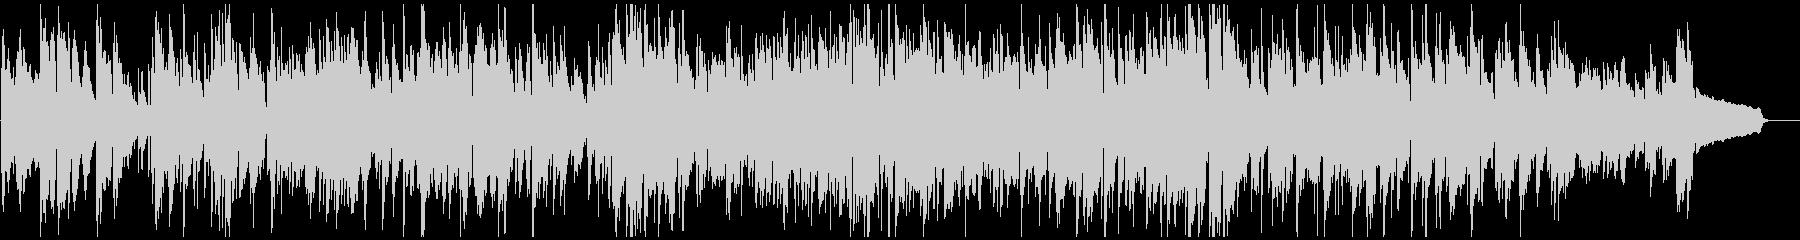 メロディアスおしゃれボサノバ、サックスの未再生の波形